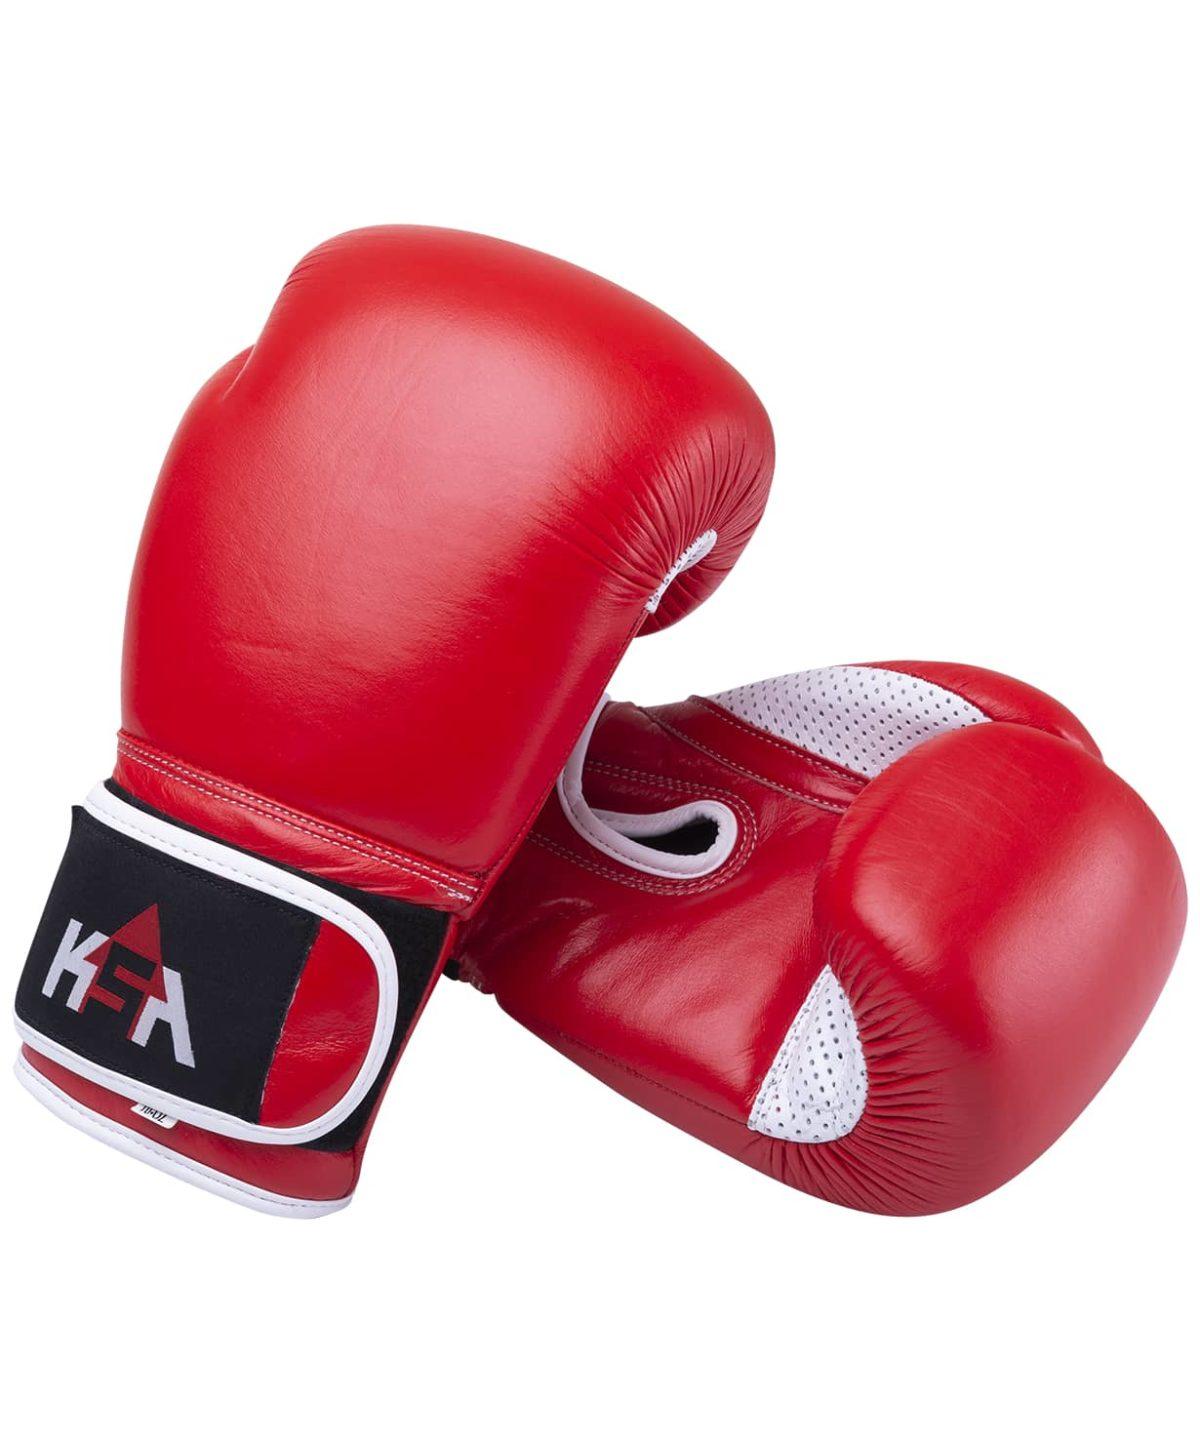 KSA Wolf Red Перчатки боксерские, 12 oz, кожа 17837: красный - 1